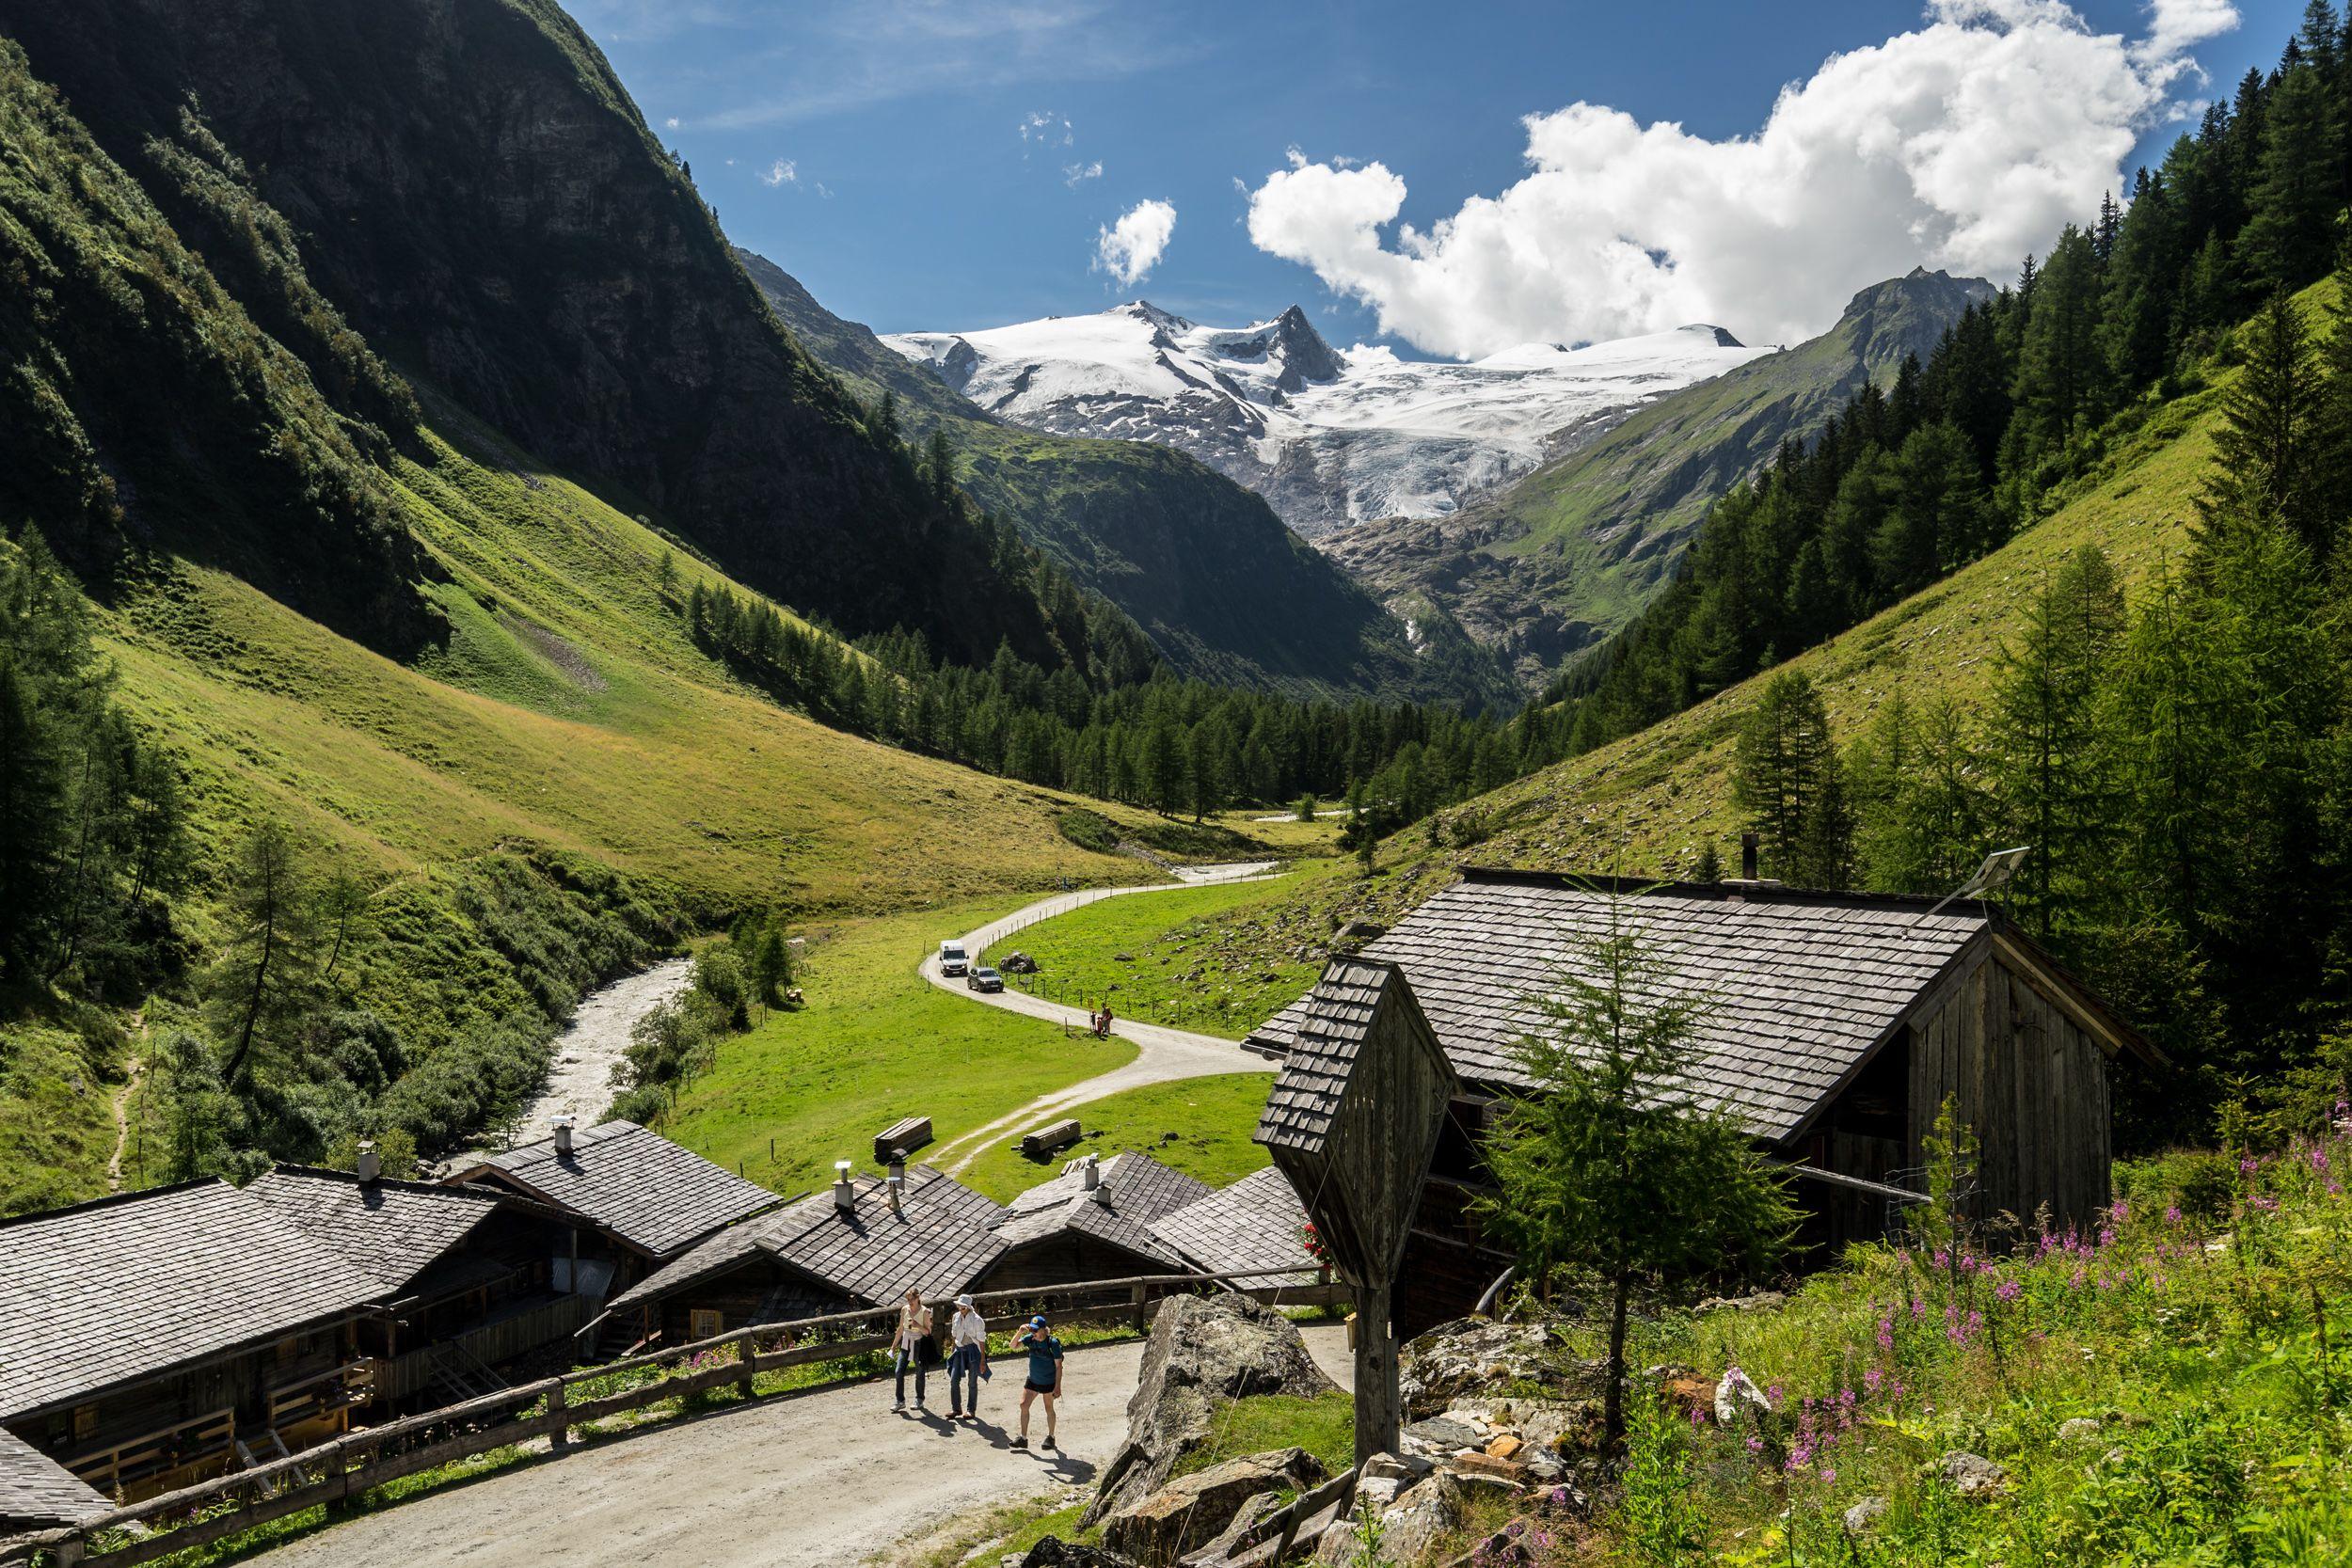 Wanderhotel Outside, Innergschlöß